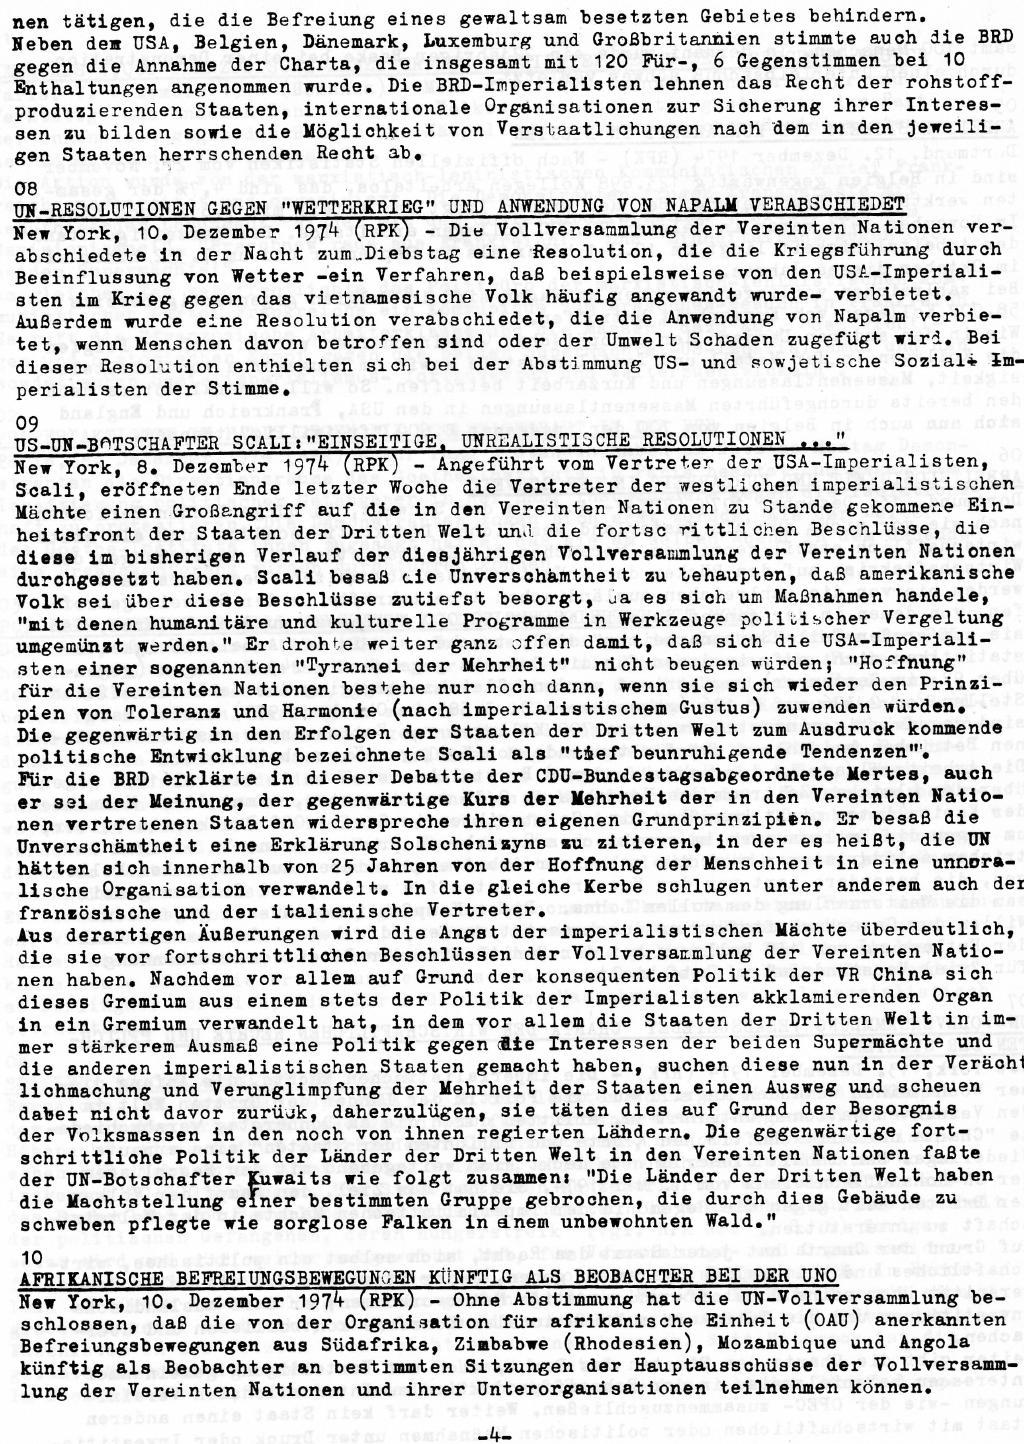 RPK_Pressedienst_1974_06_04